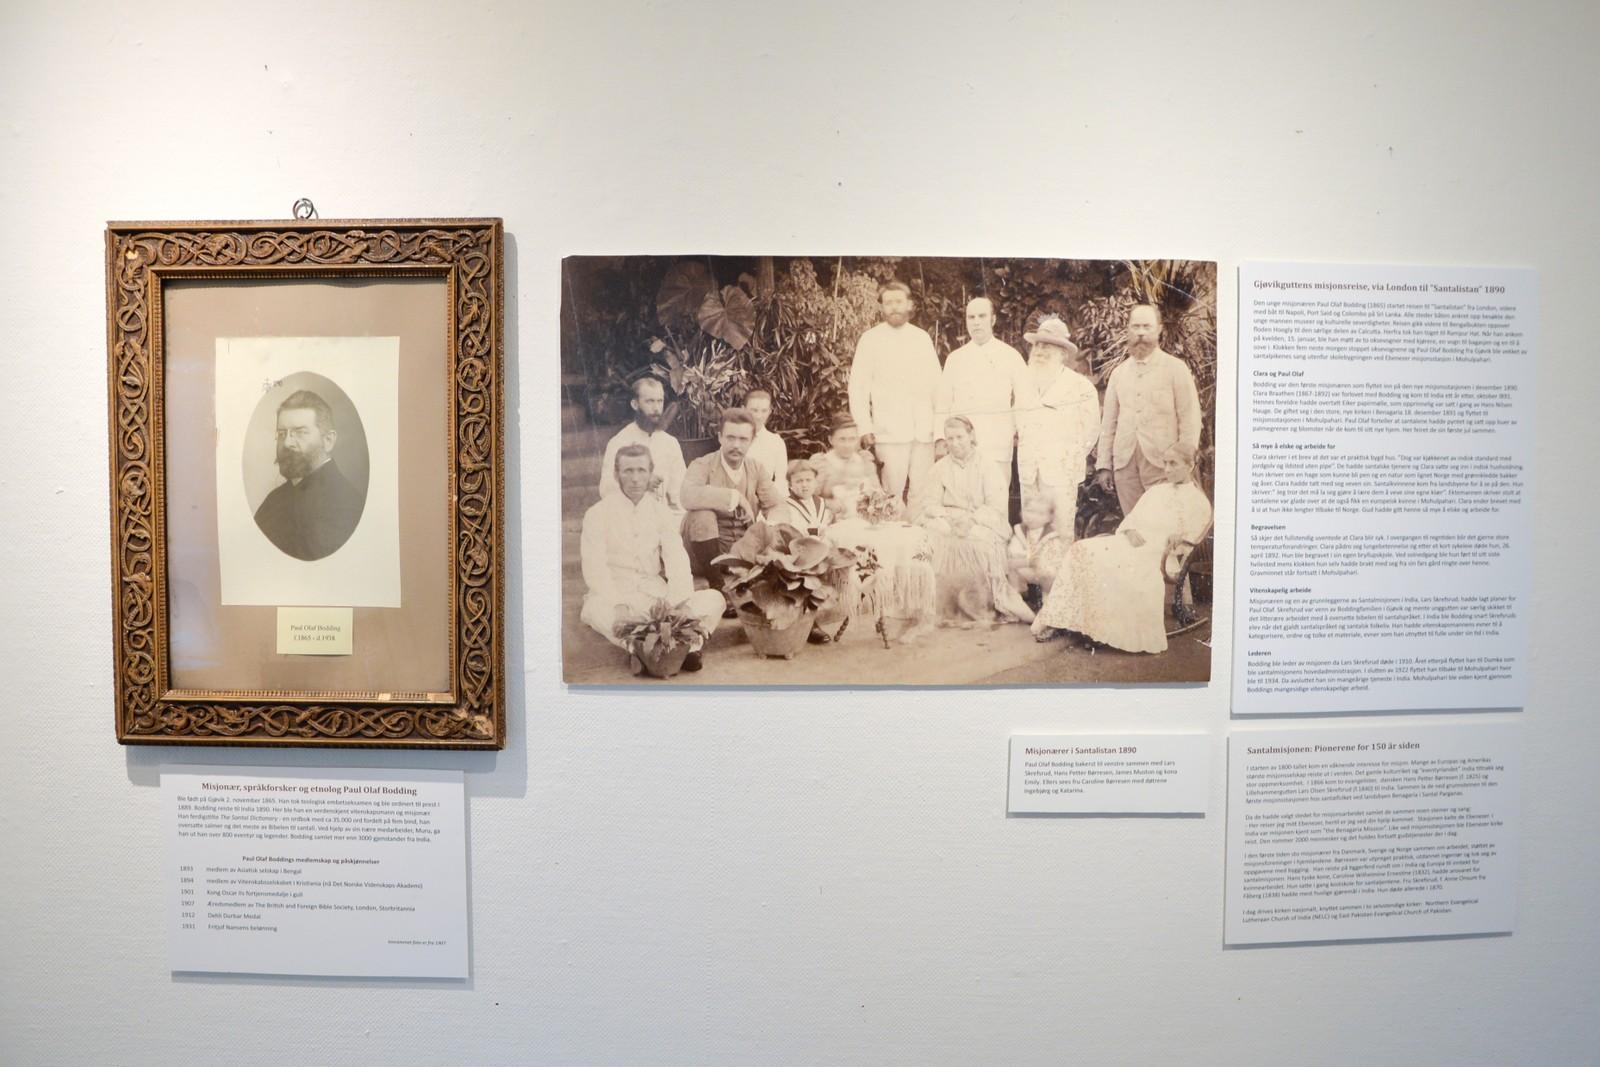 Bodding var en av flere misjonærer i Santalistan i 1890. Her med blant andre grunnleggerne av misjonsstasjonen, H P Børresen og Lars Skrefsrud.